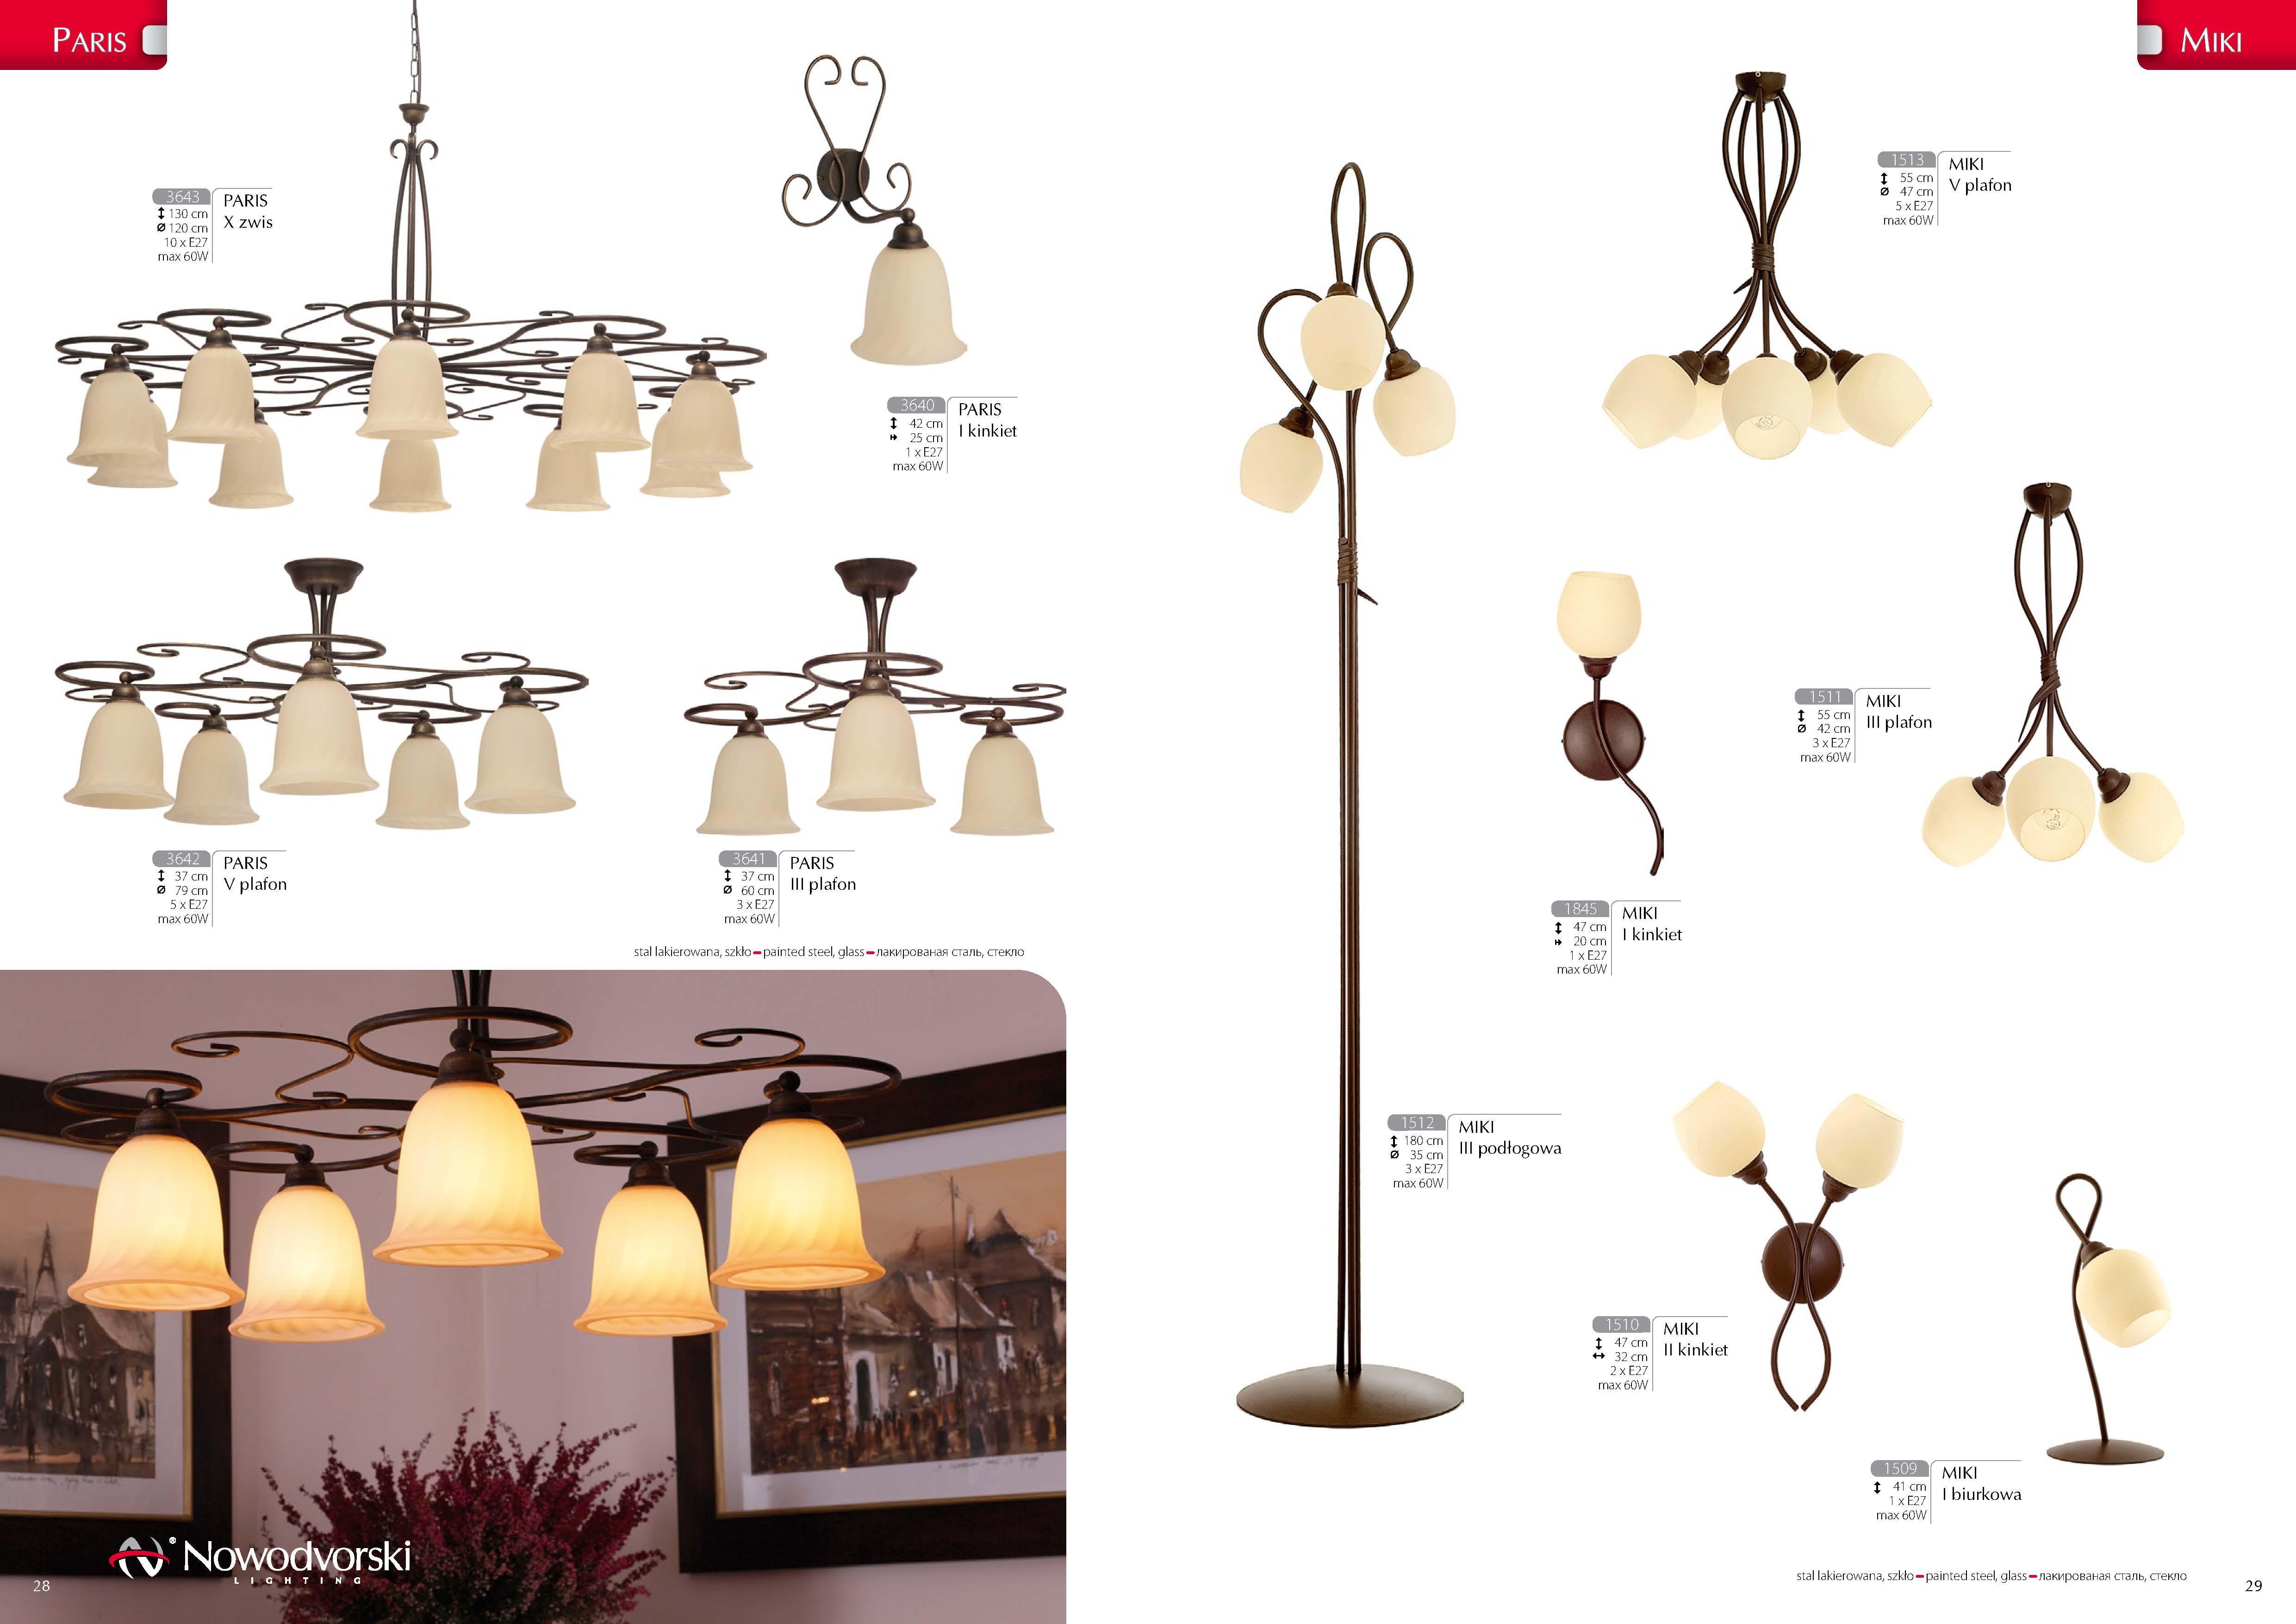 classic 2013年欧美欧式古典灯饰设计素材._4961*3508图片